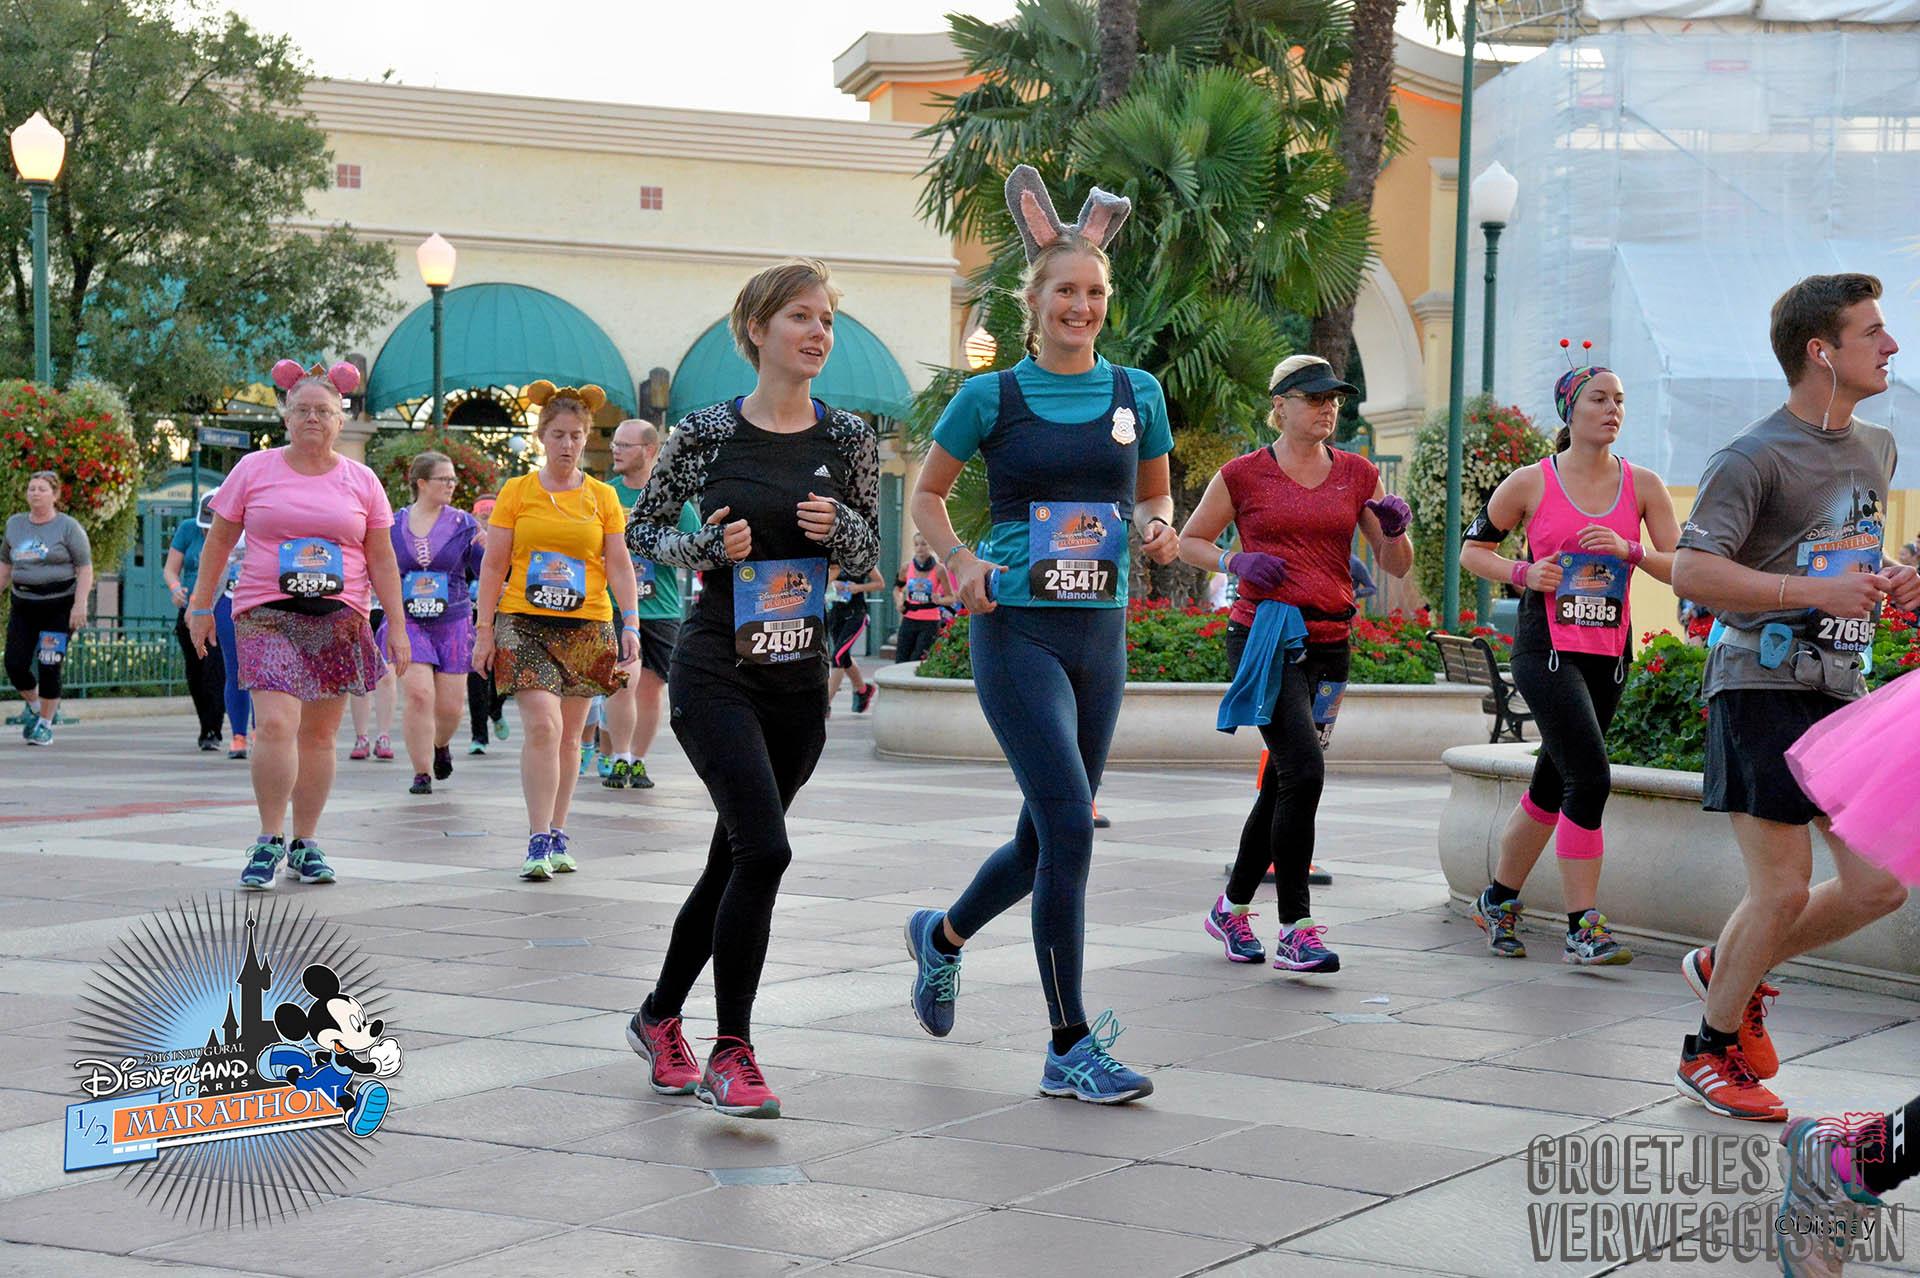 Hardlopen door Walt Disney Studios Park tijdens de Disneyland Paris Half Marathon